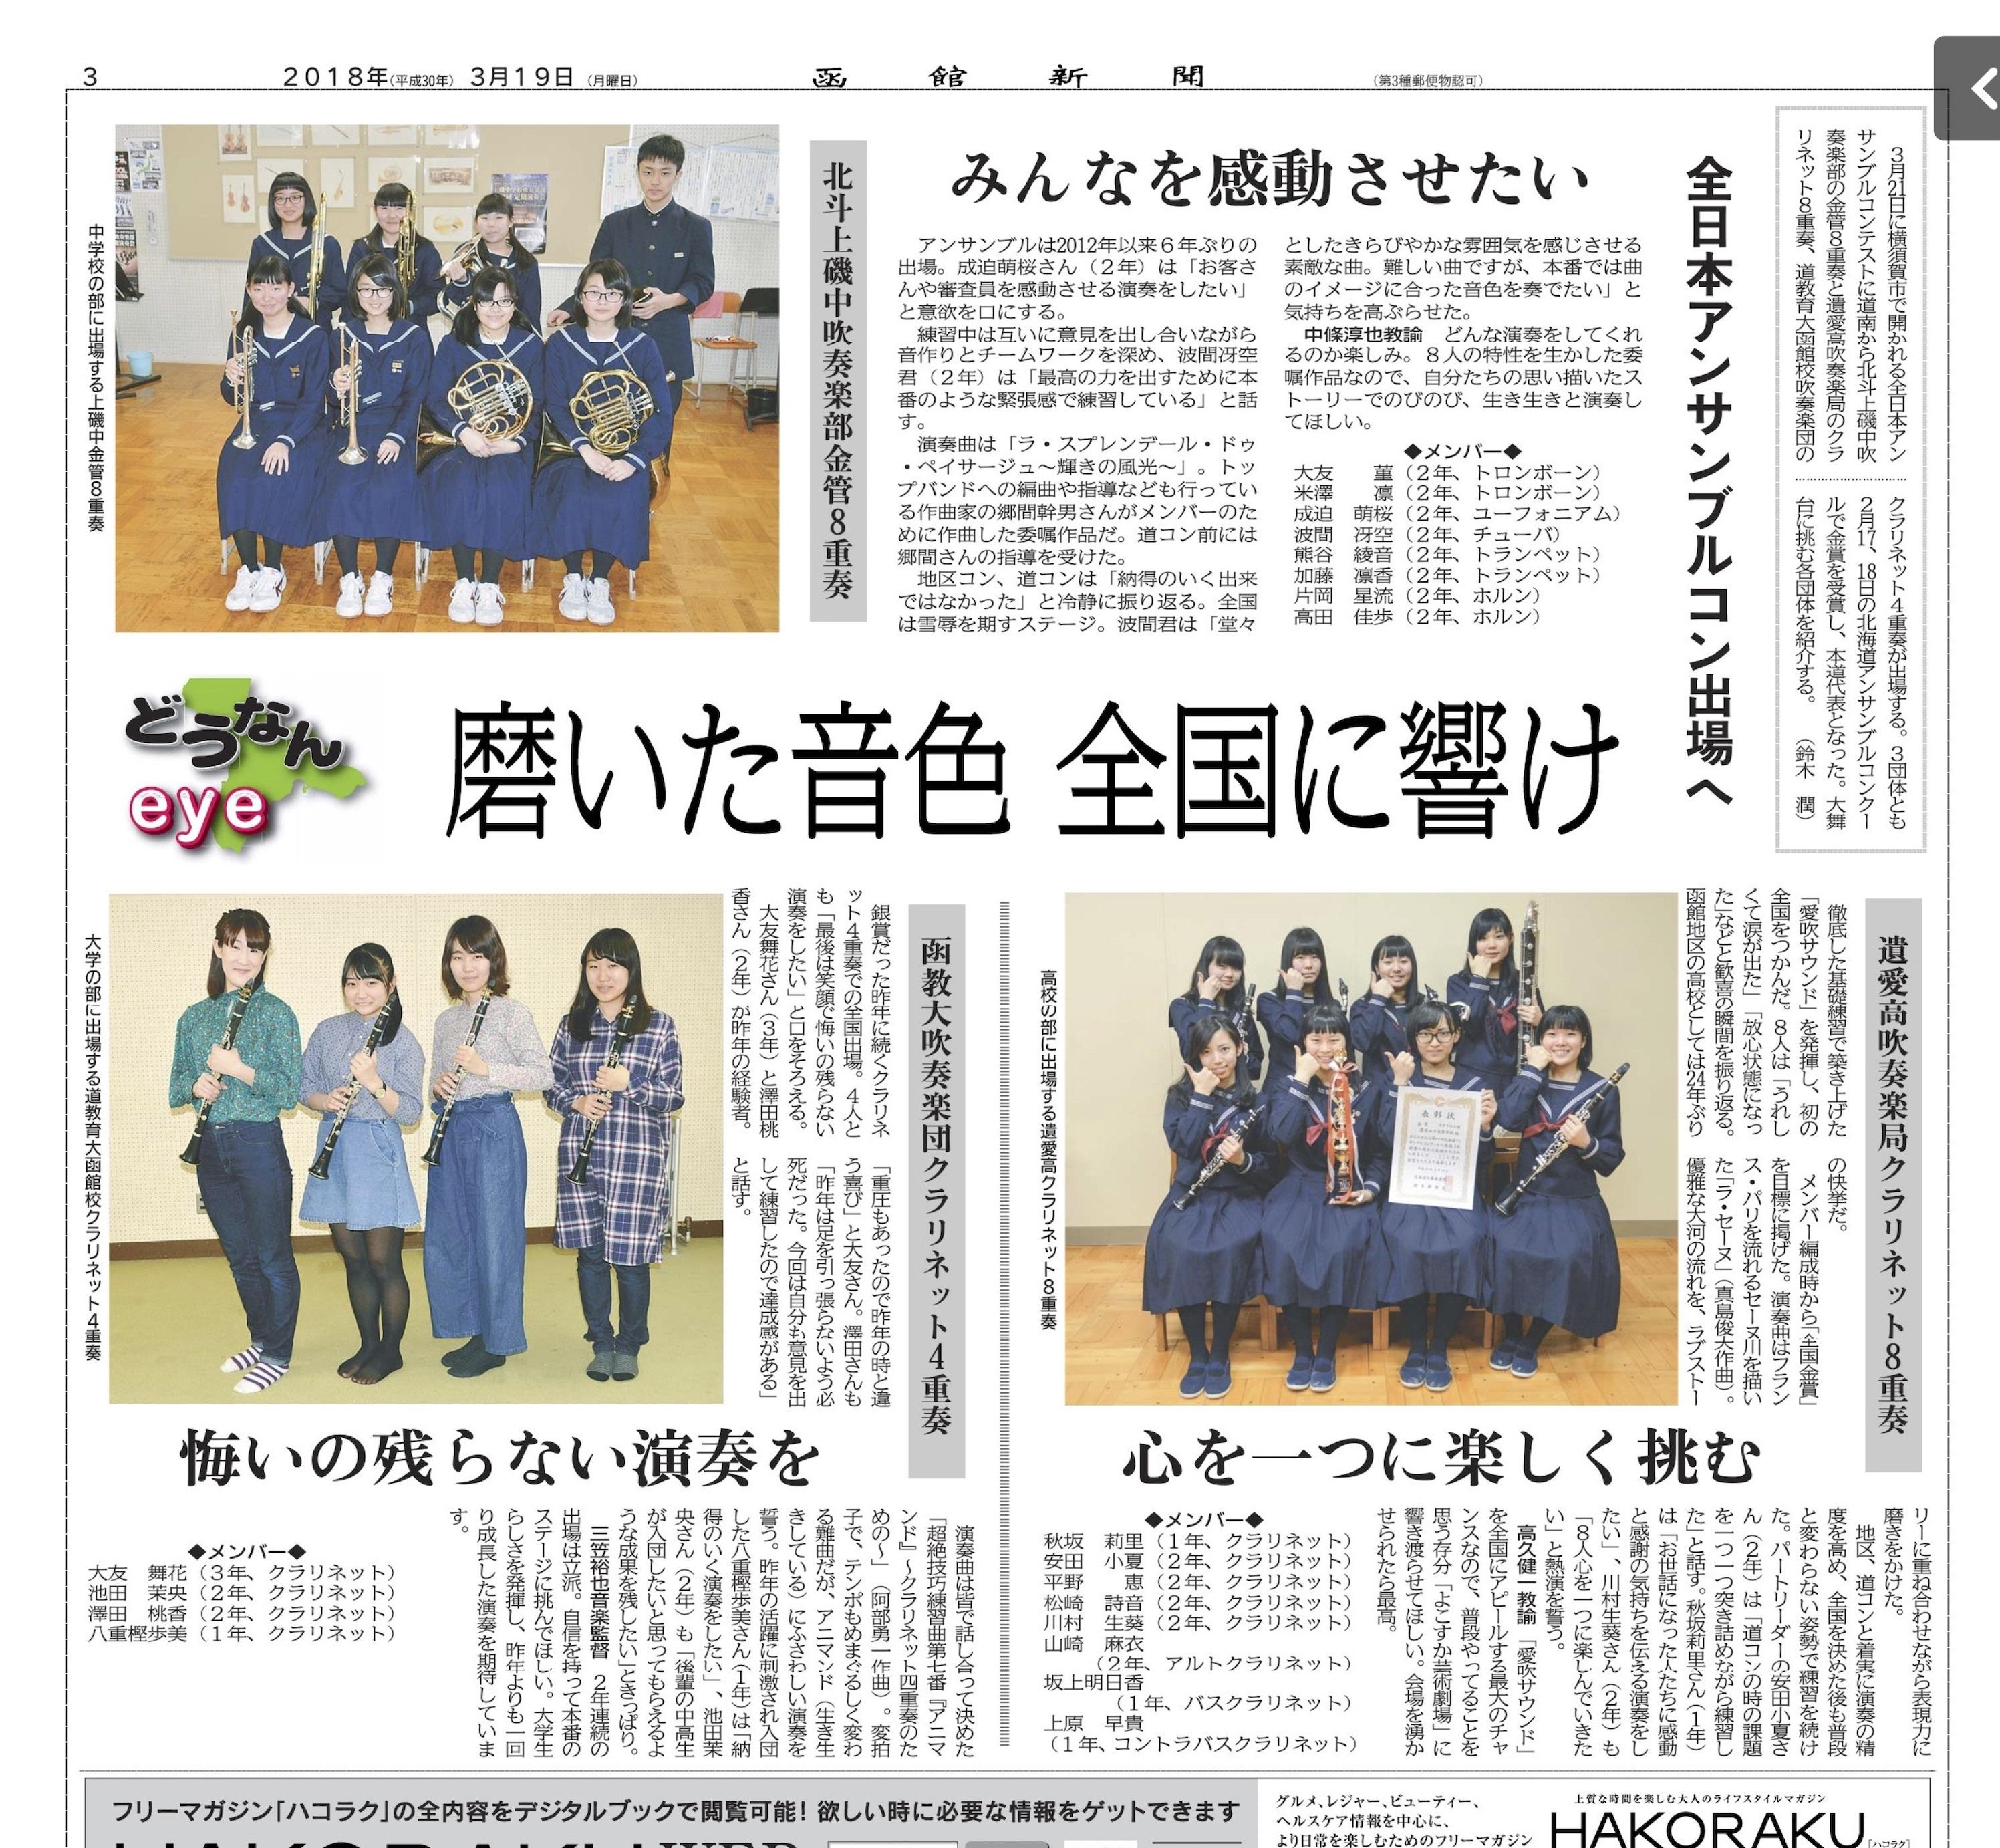 0319 函館新聞『アンサンブル記事』のコピー